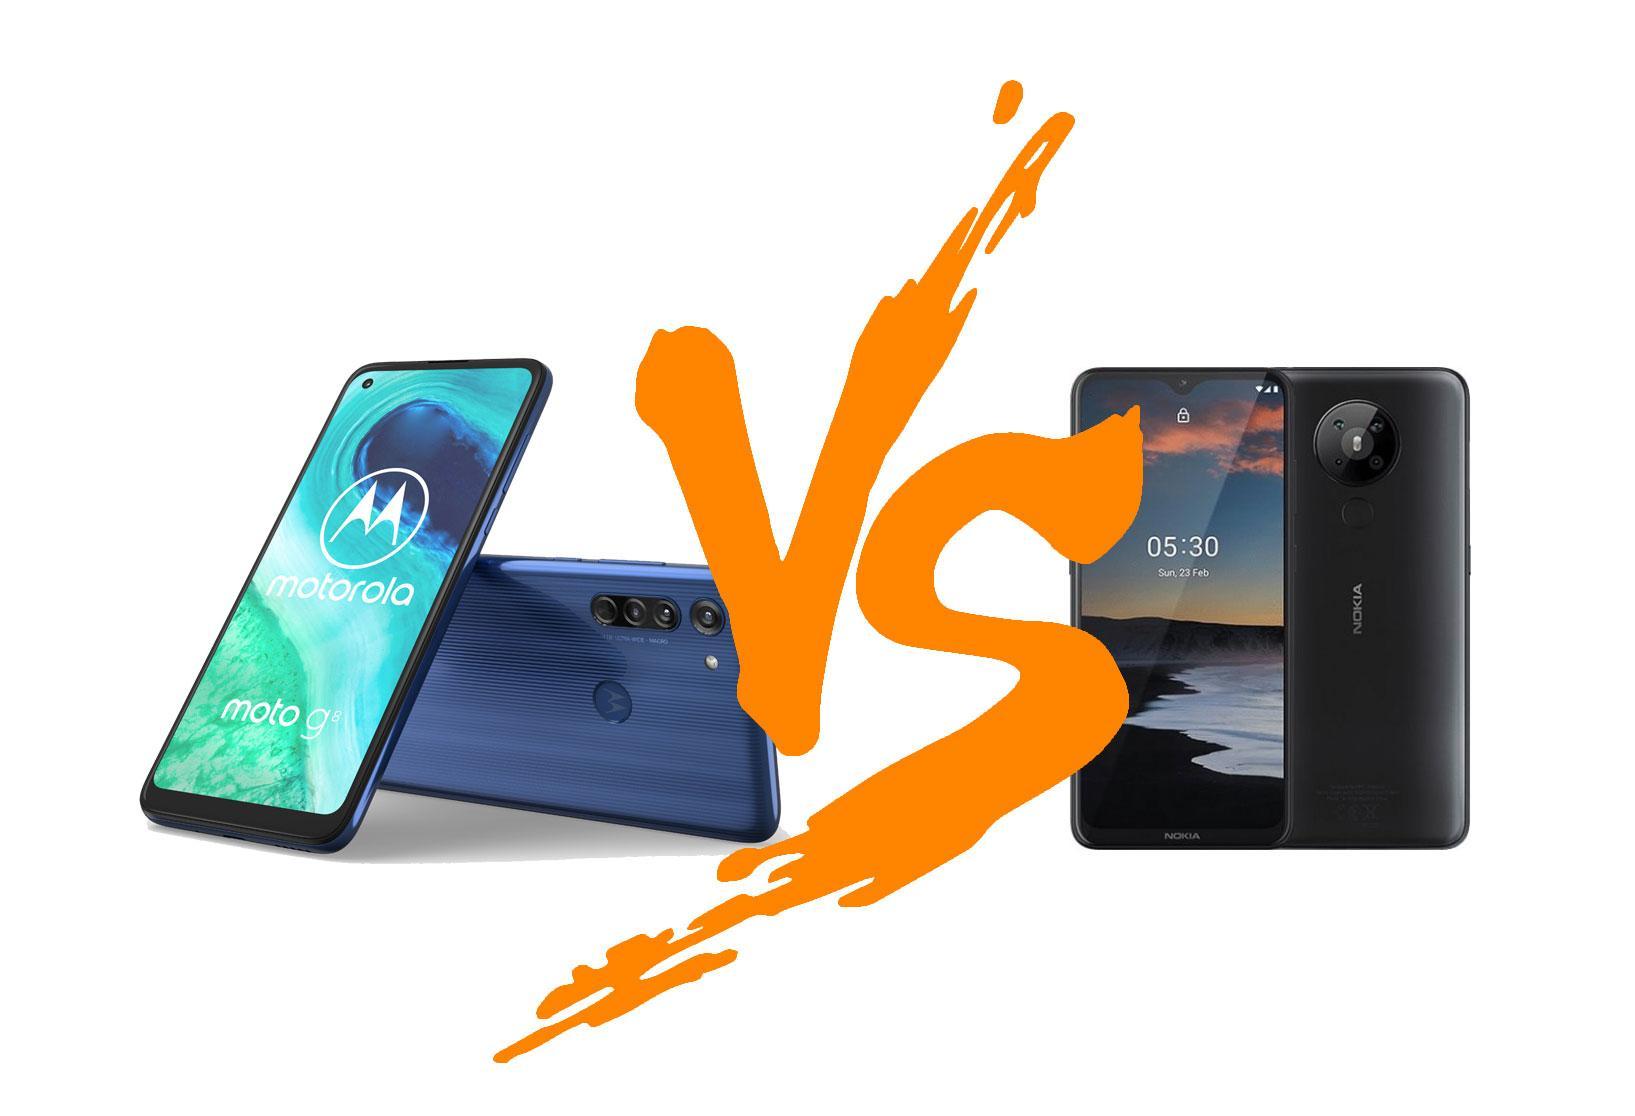 Nokia 5.3 против Moto G8: какой избюджетников получше будет?